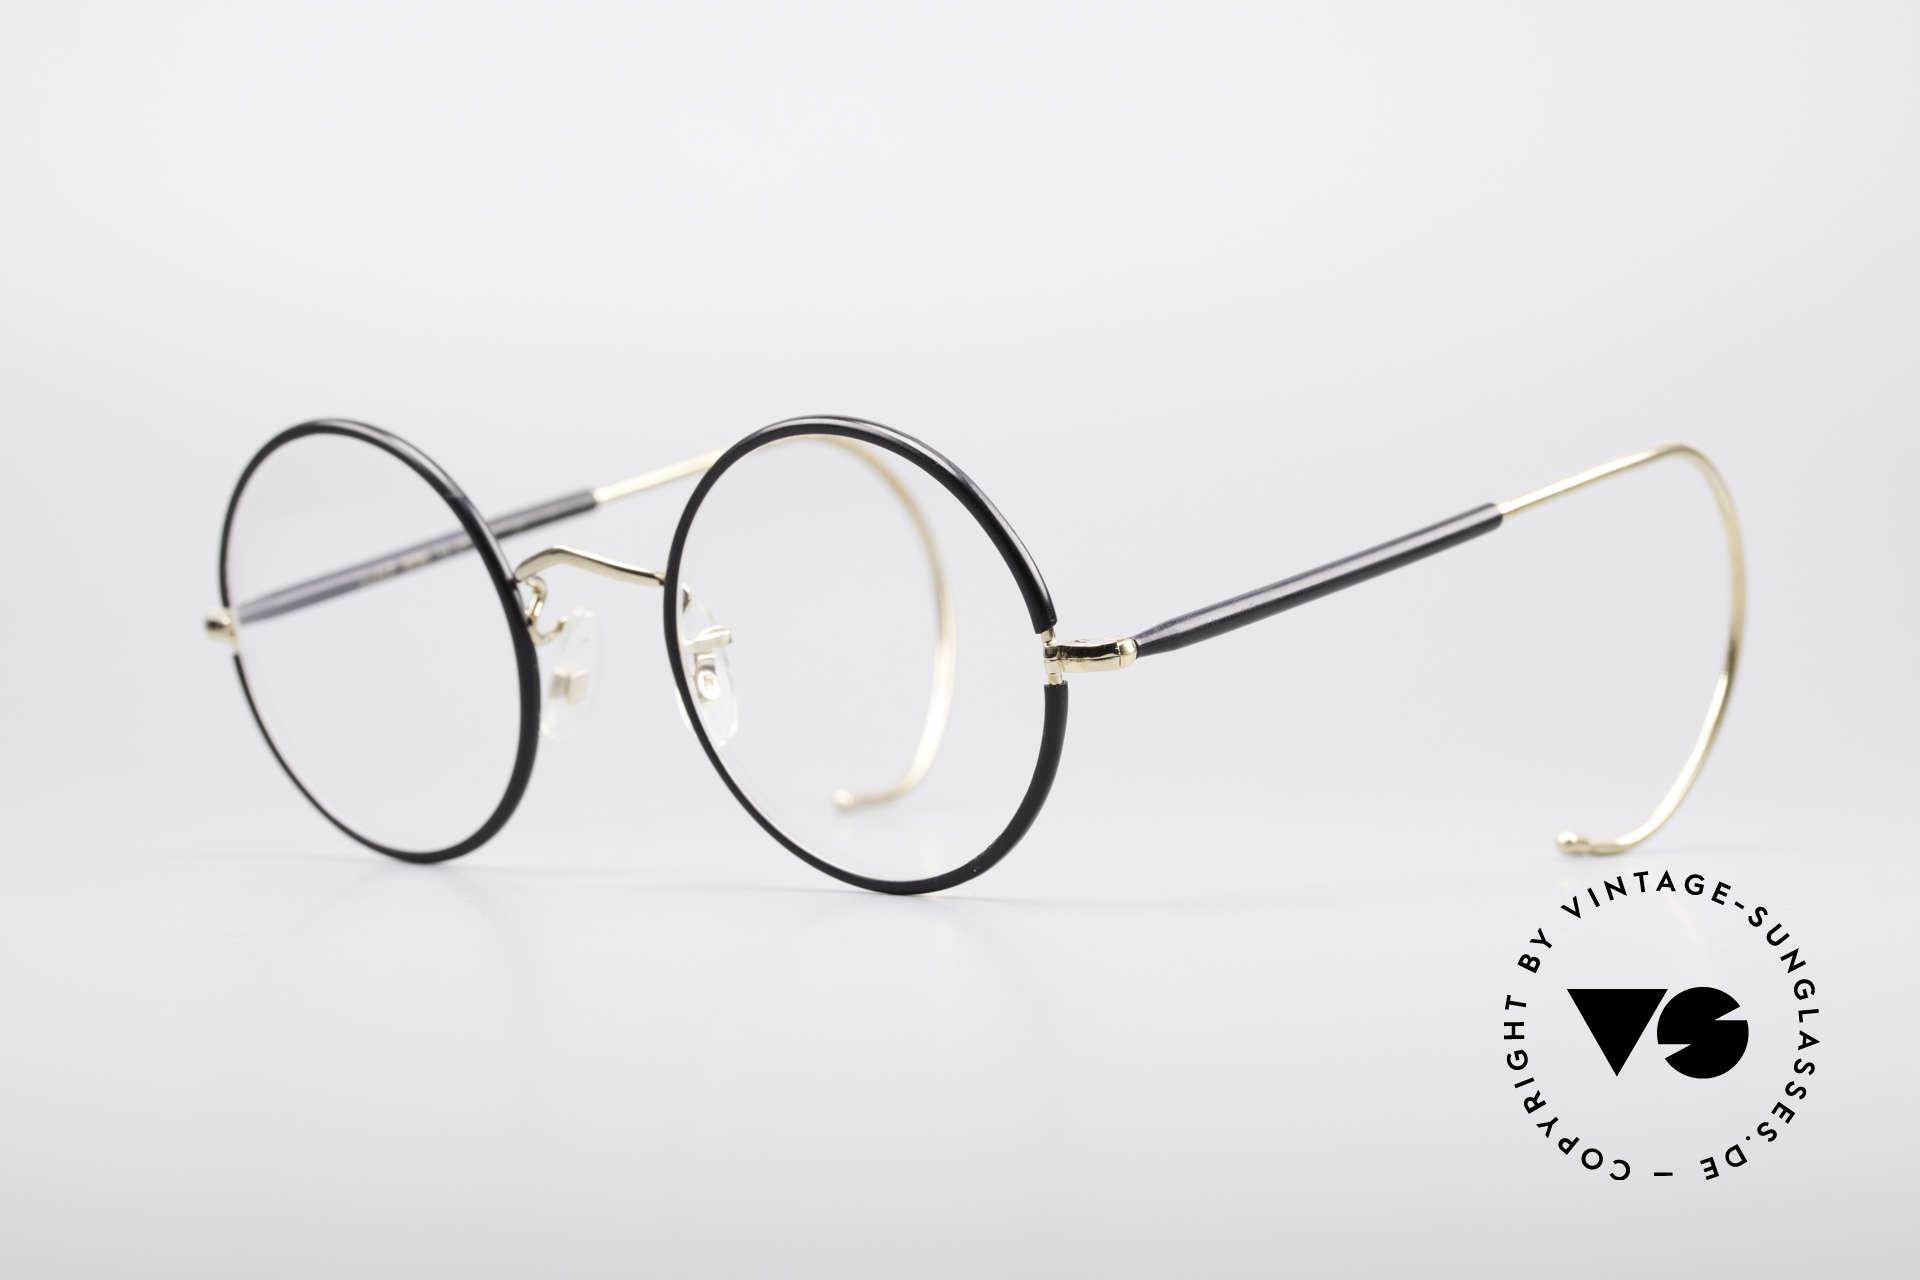 Savile Row Round 47/22 Harry Potter Brille, feinste Fertigungsqualität aus England (gold-filled), Passend für Herren